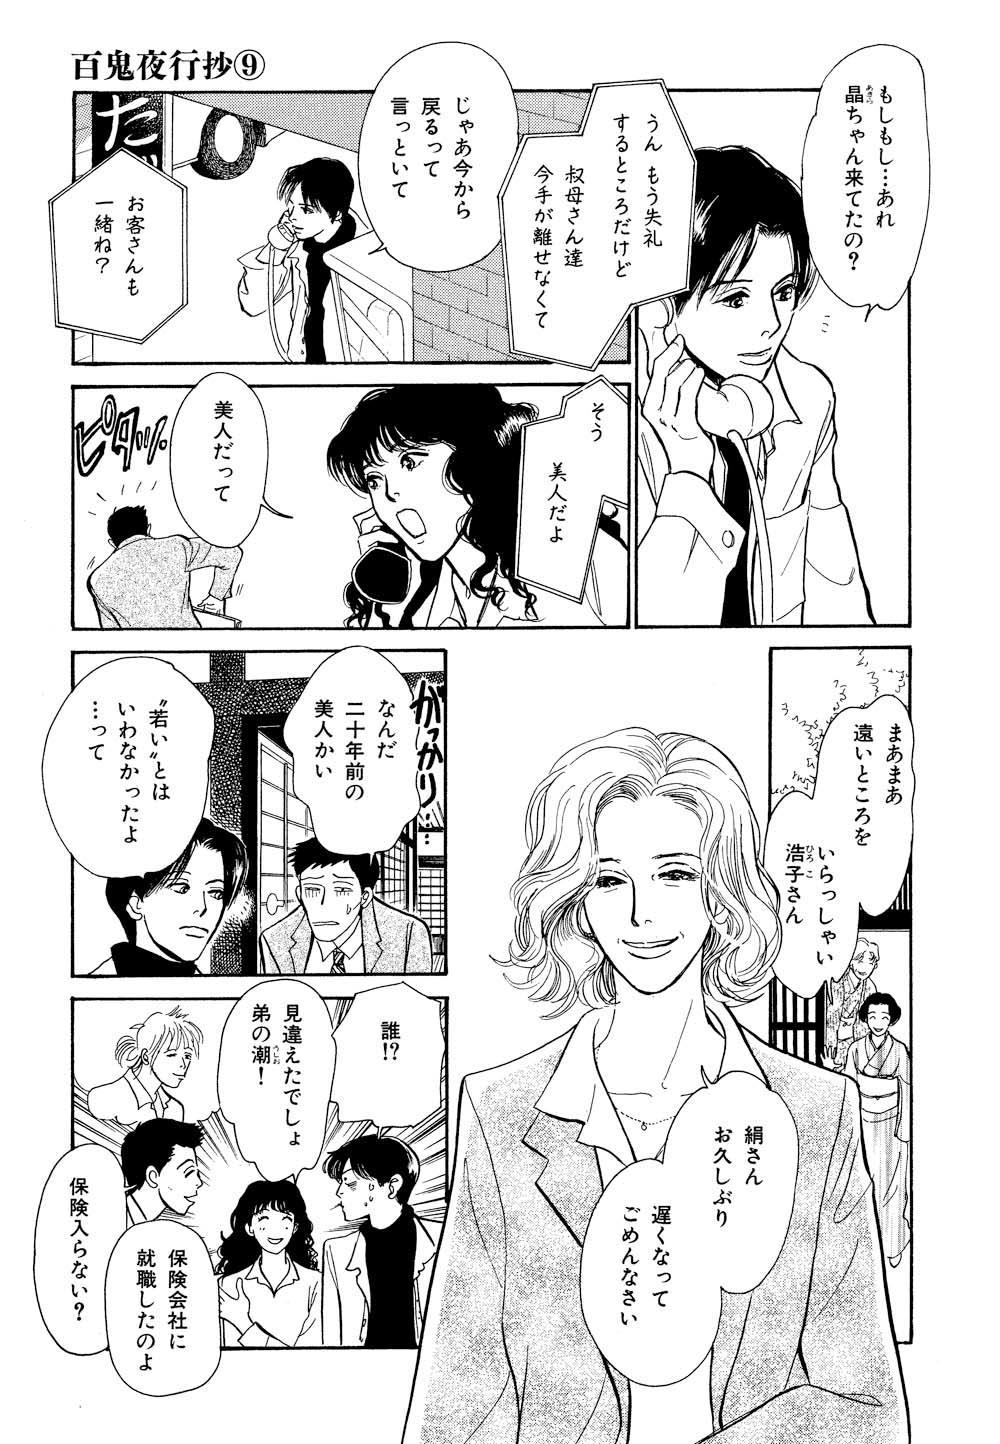 百鬼夜行抄_09_0131.jpg